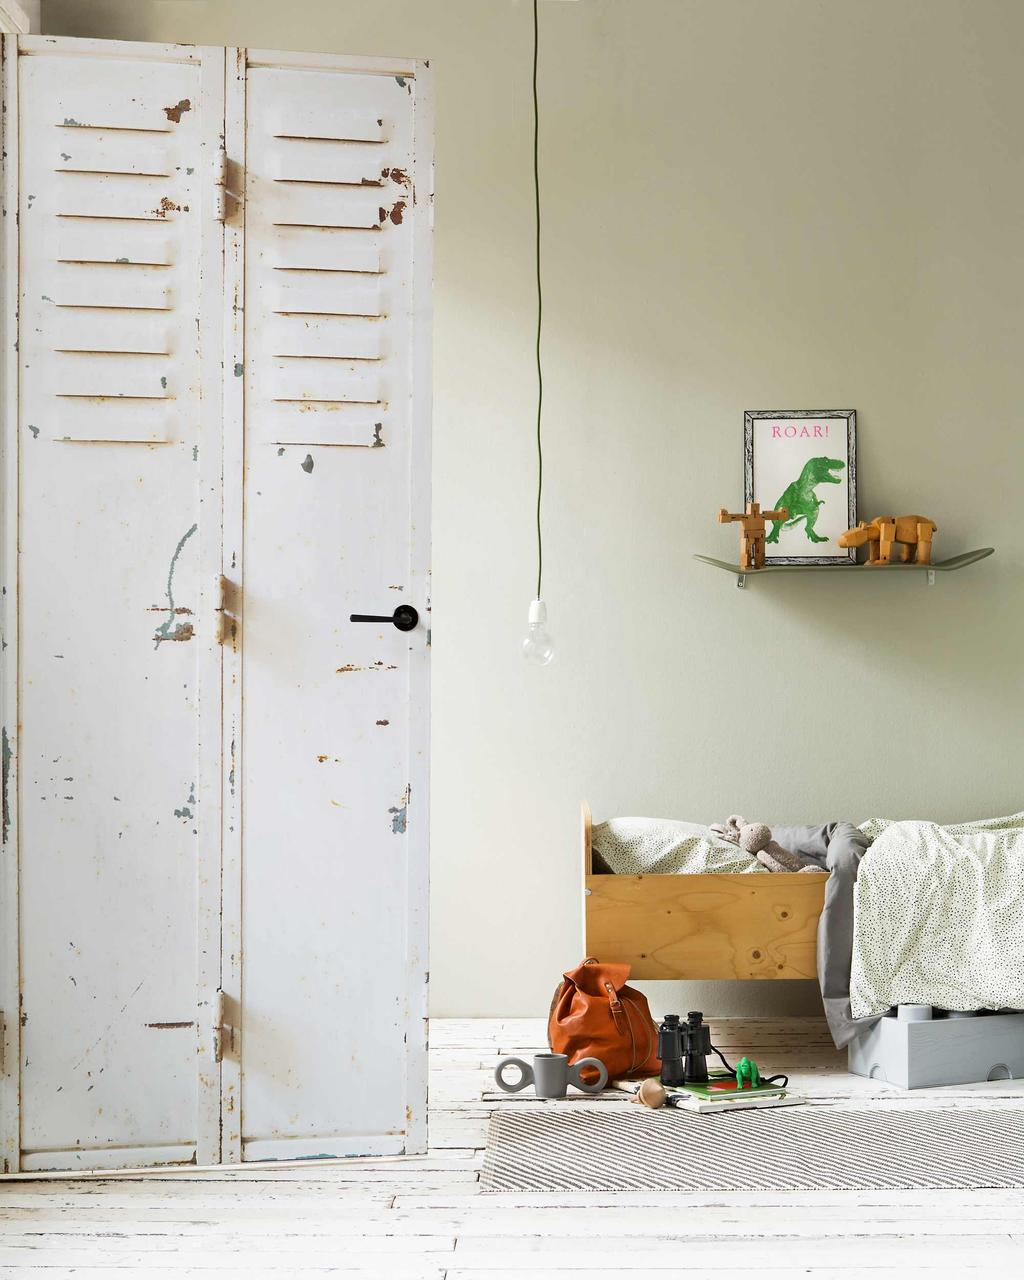 deursticker locker doorleefd vtwonen huiscollectie